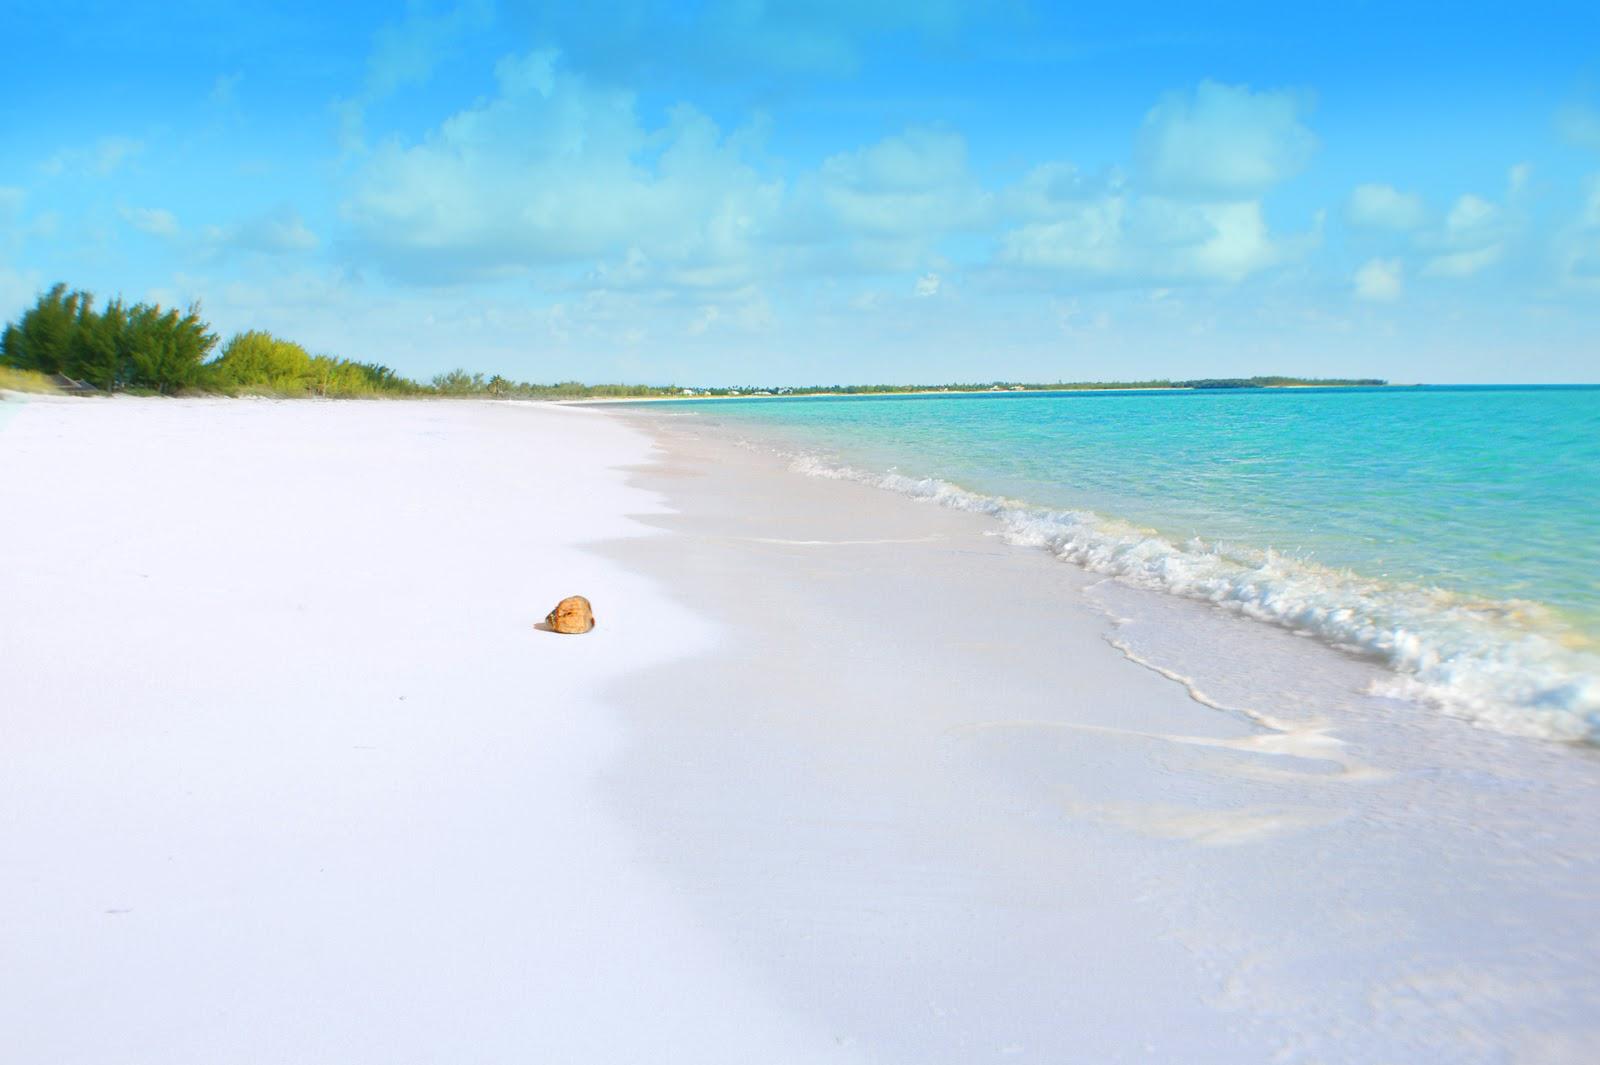 Day 6 Coco Beach